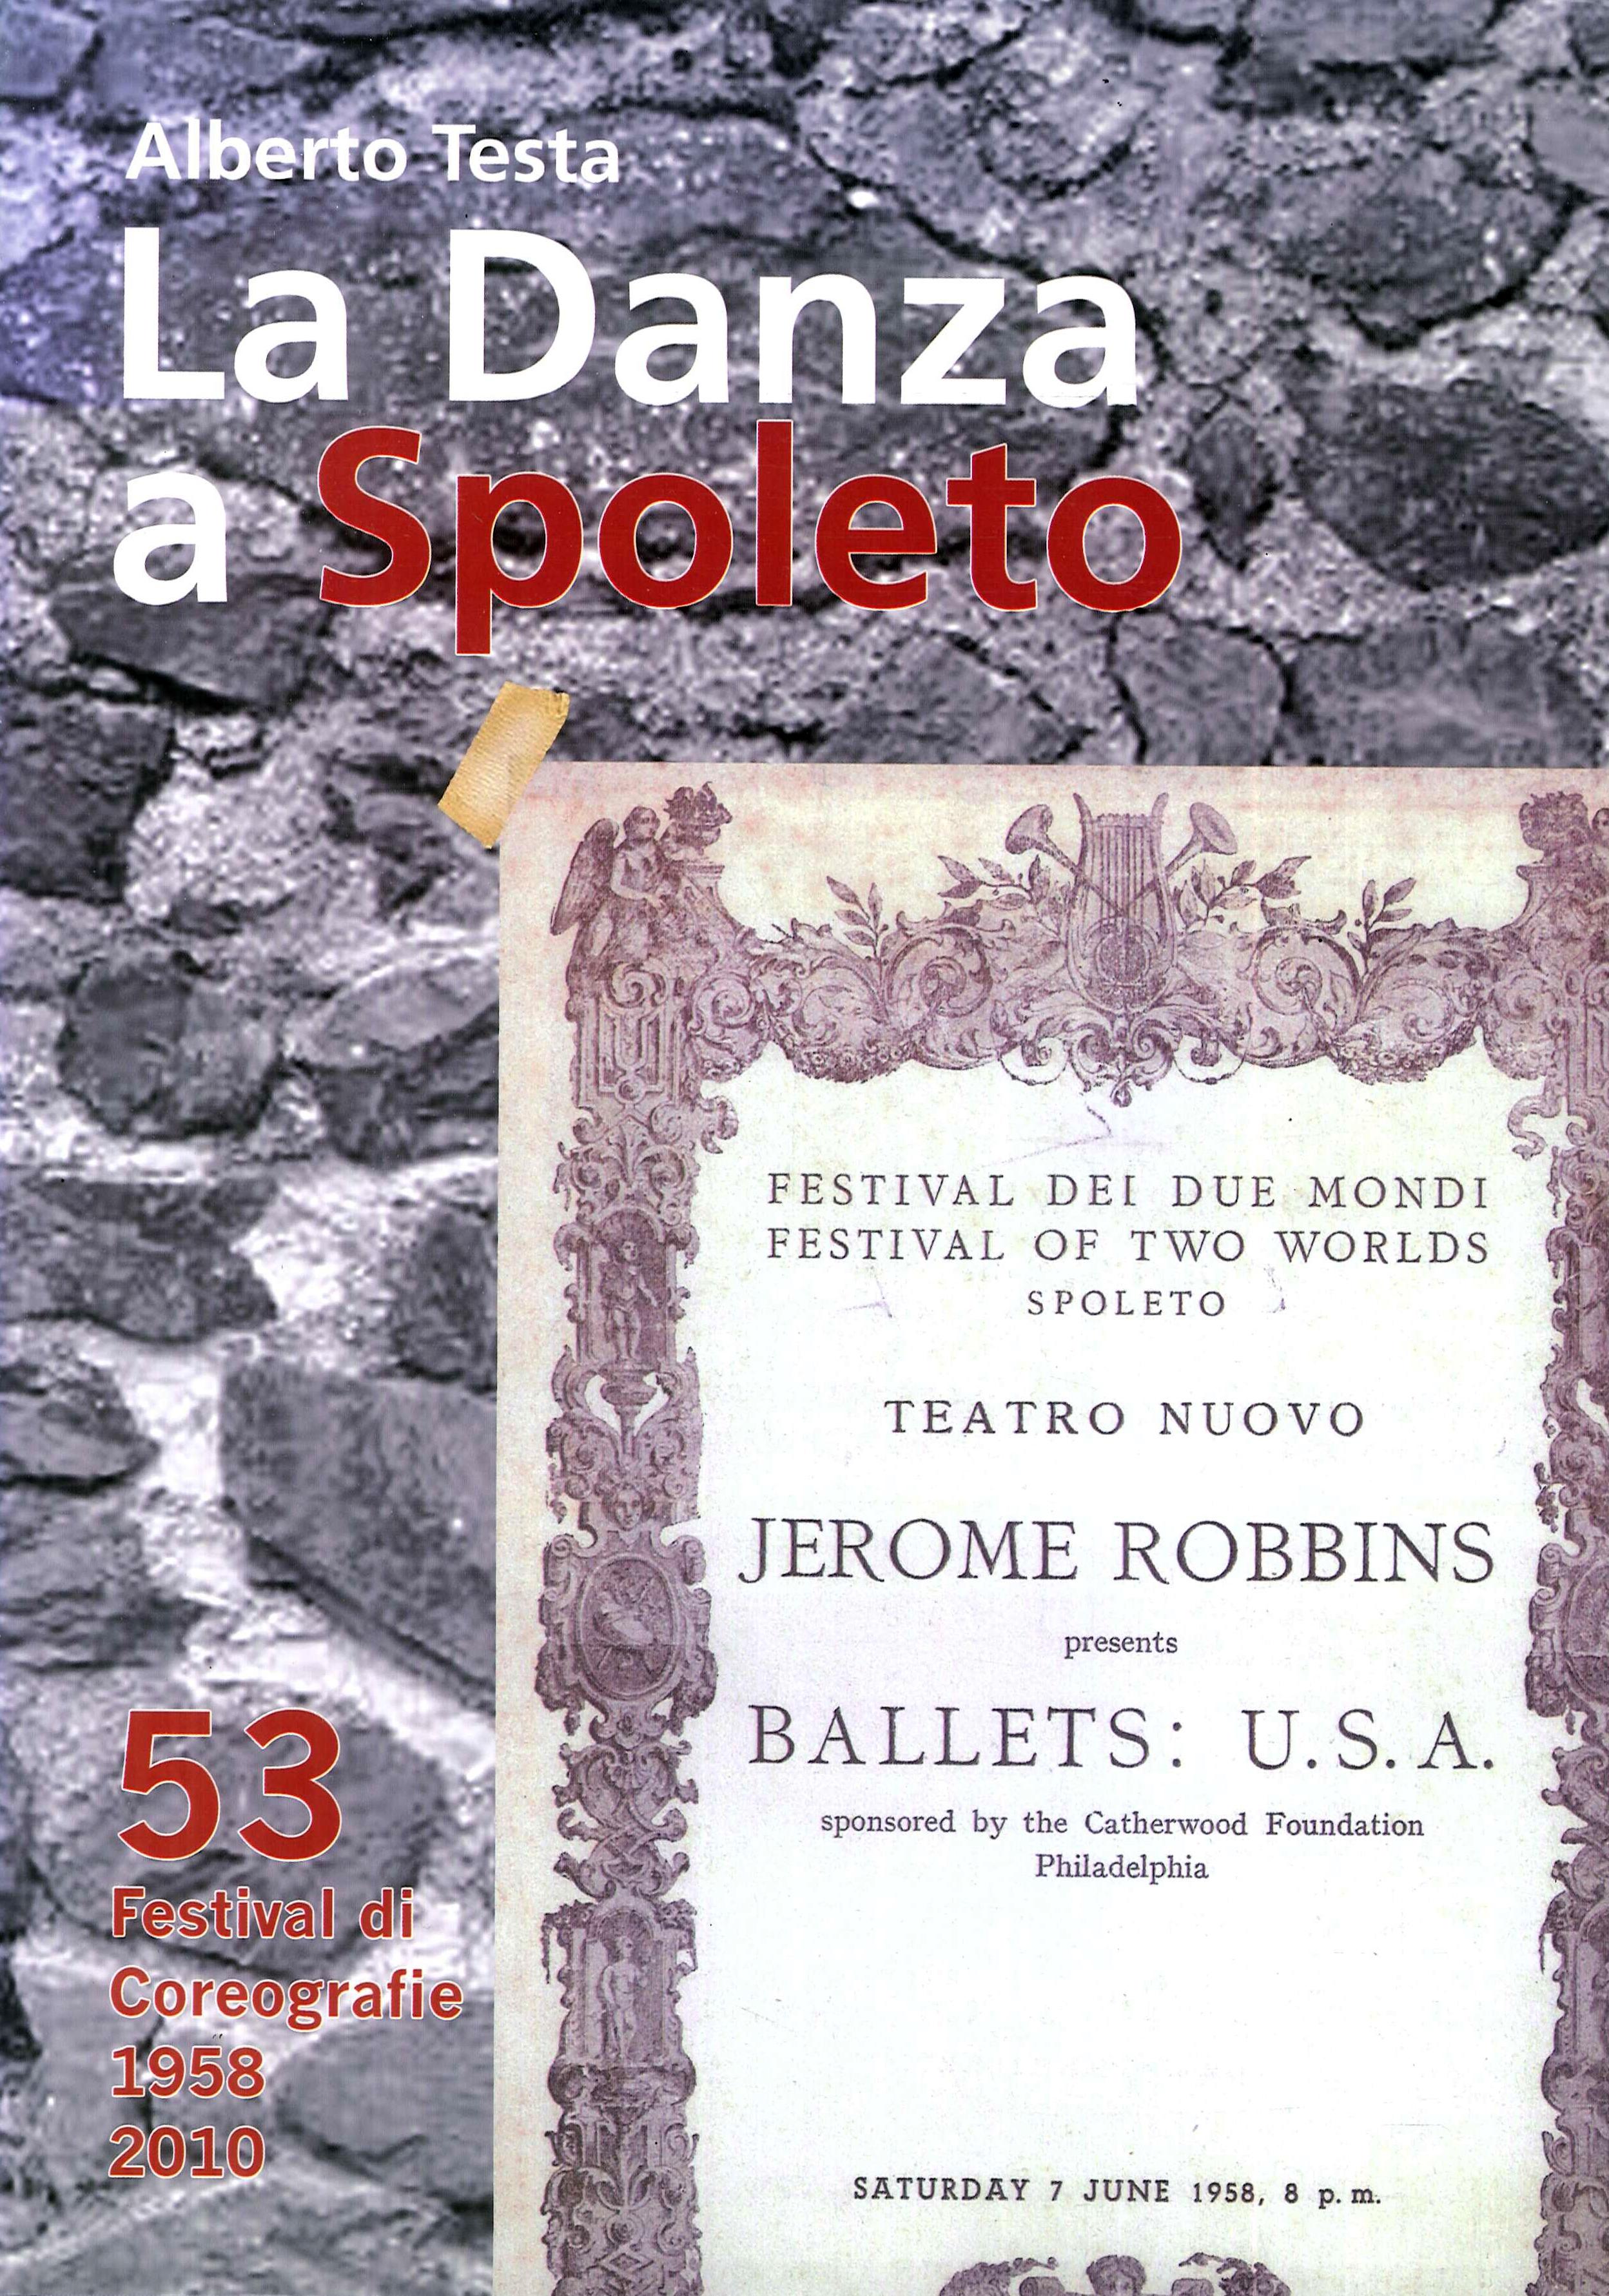 La Danza a Spoleto. Cinquantatre Festival di Coreografie (1958-2010).